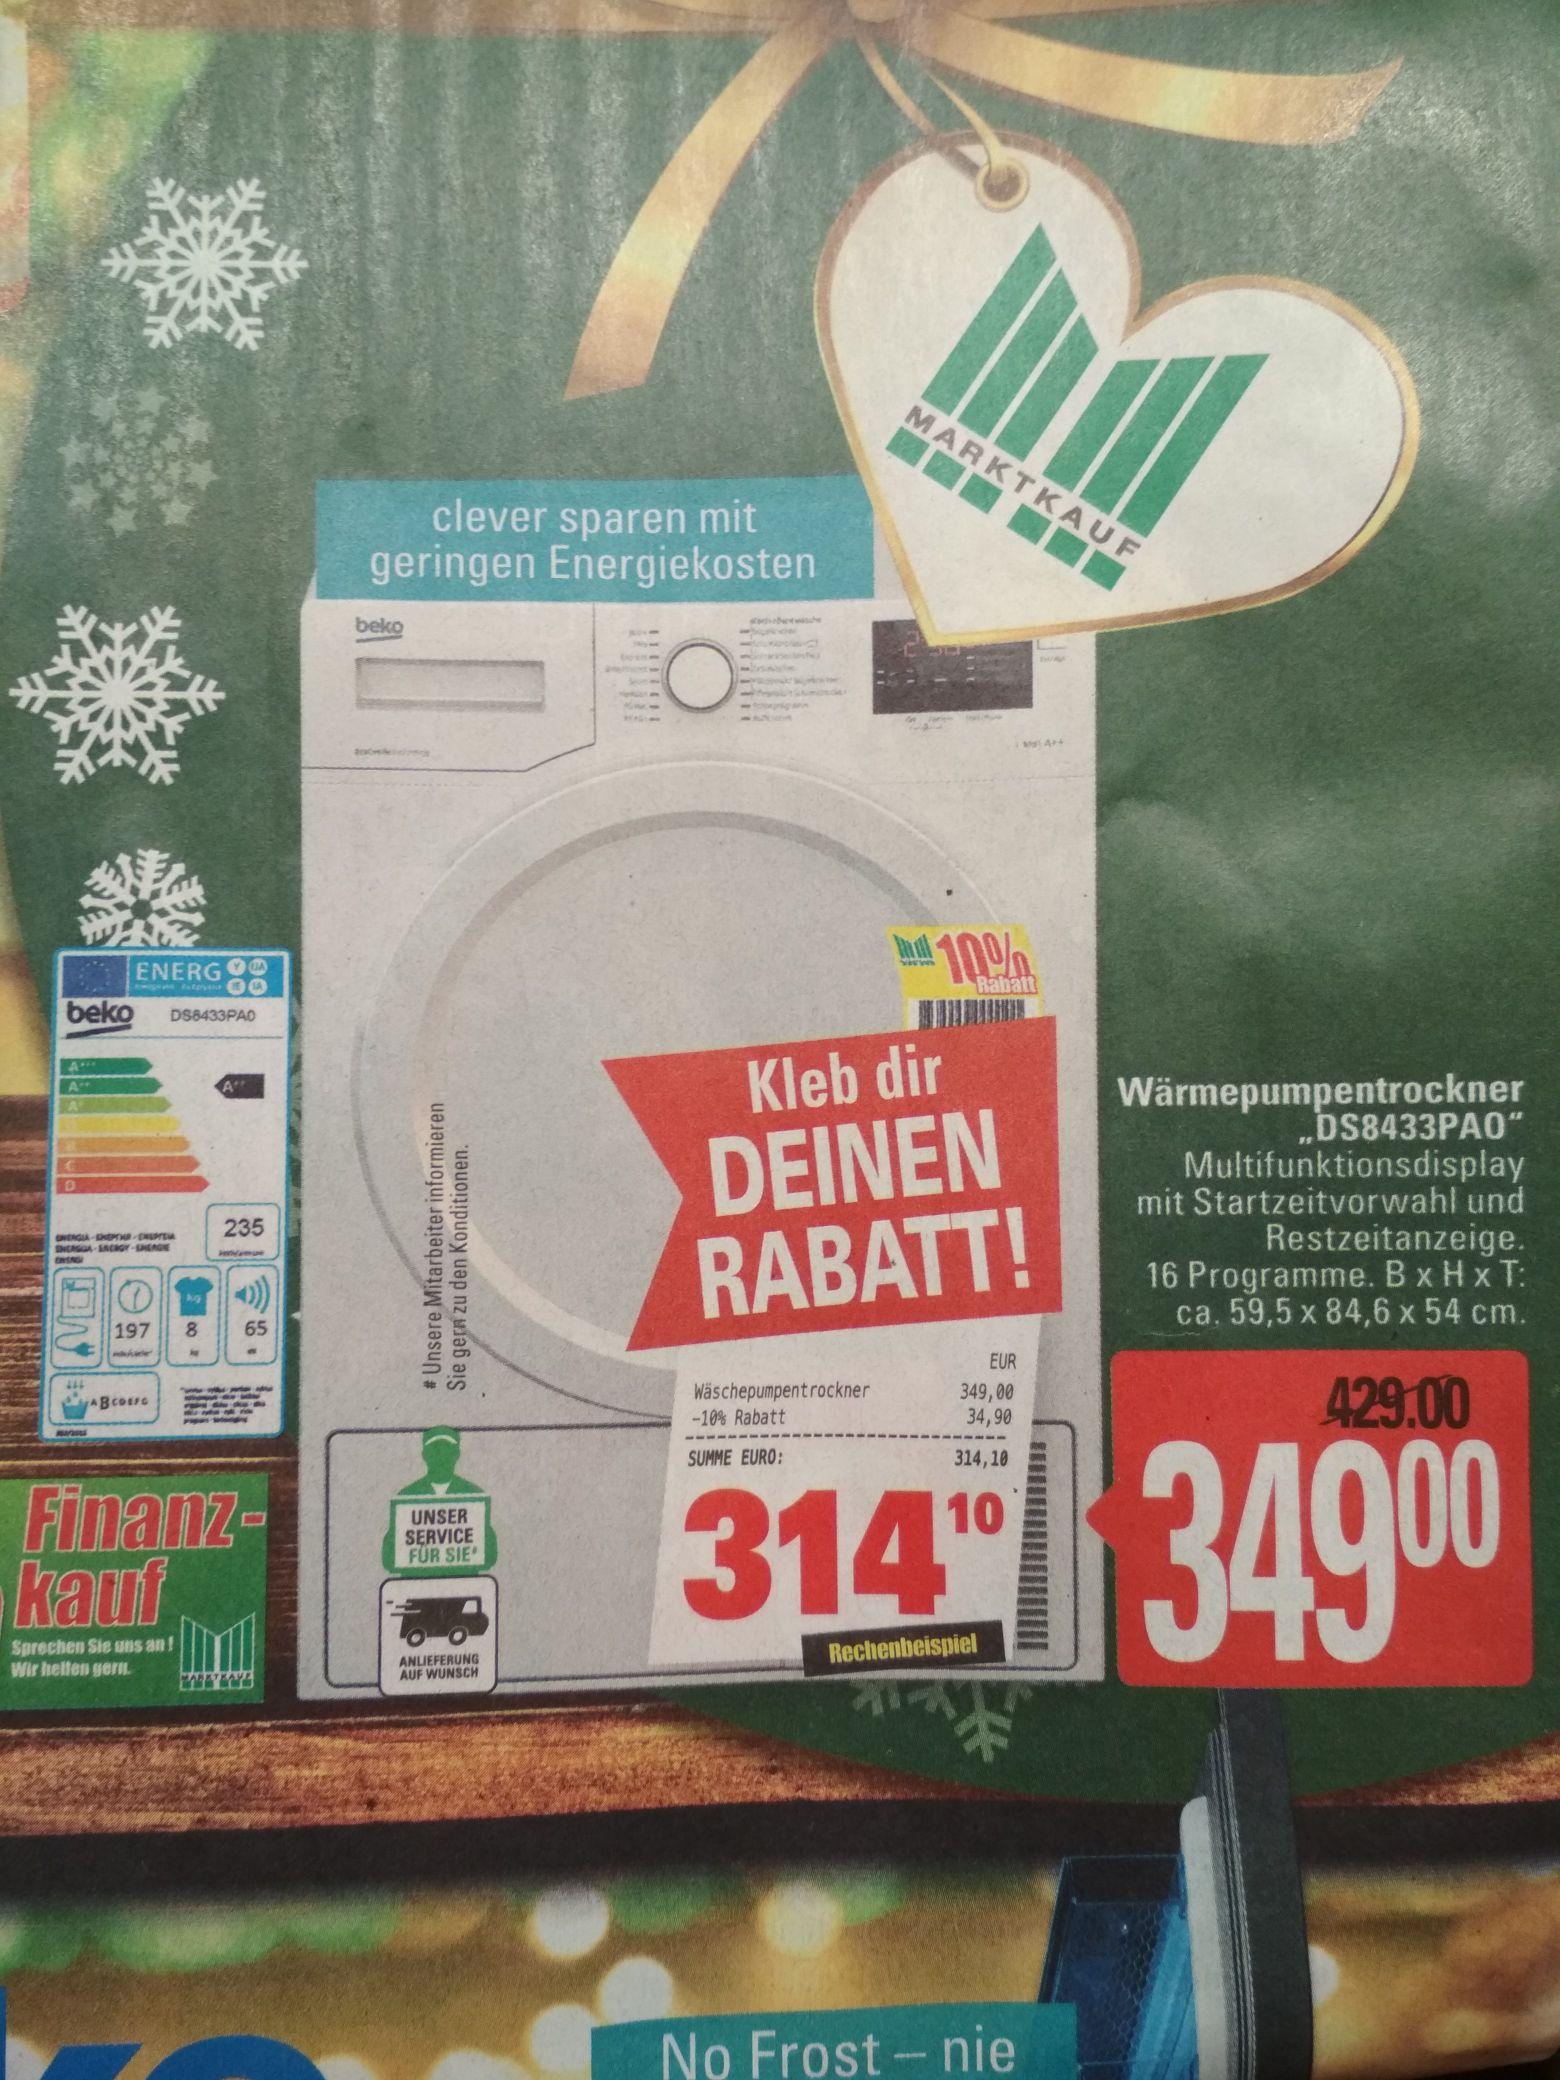 Beko Wärmepumpentrockner DS8433PAO A++, 235kwh [Marktkauf Burg]